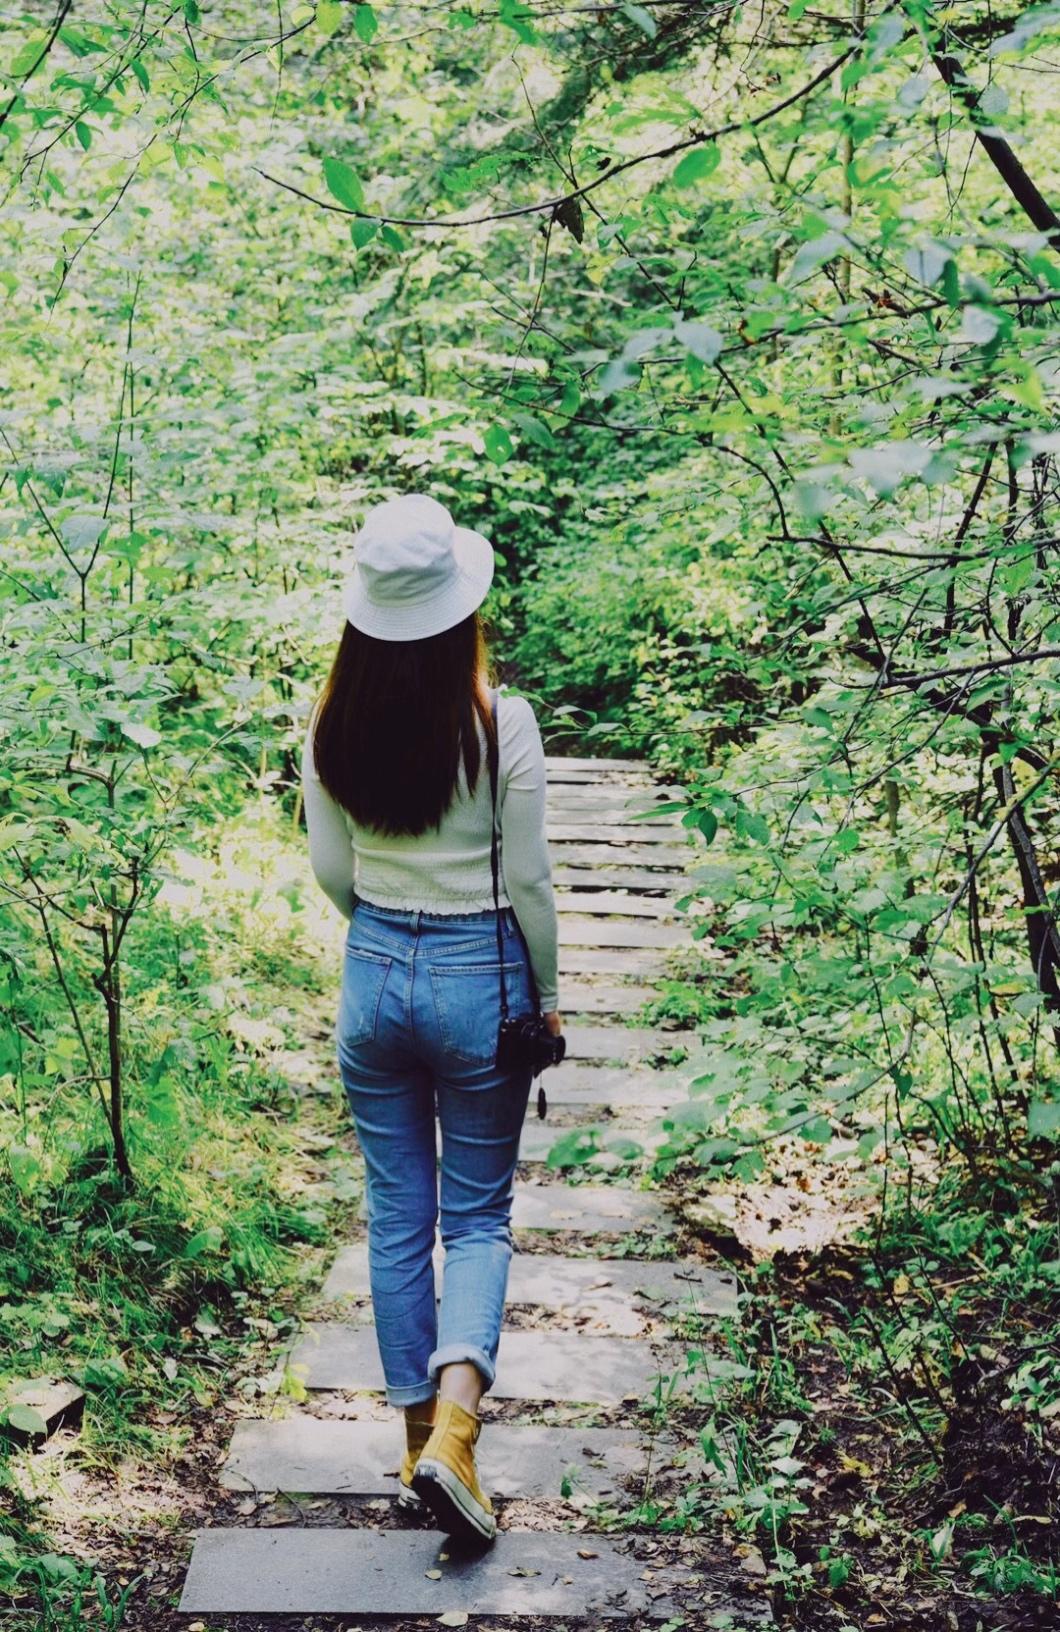 初秋京郊自驾游:京北第一天路,乐享纯净自然之旅